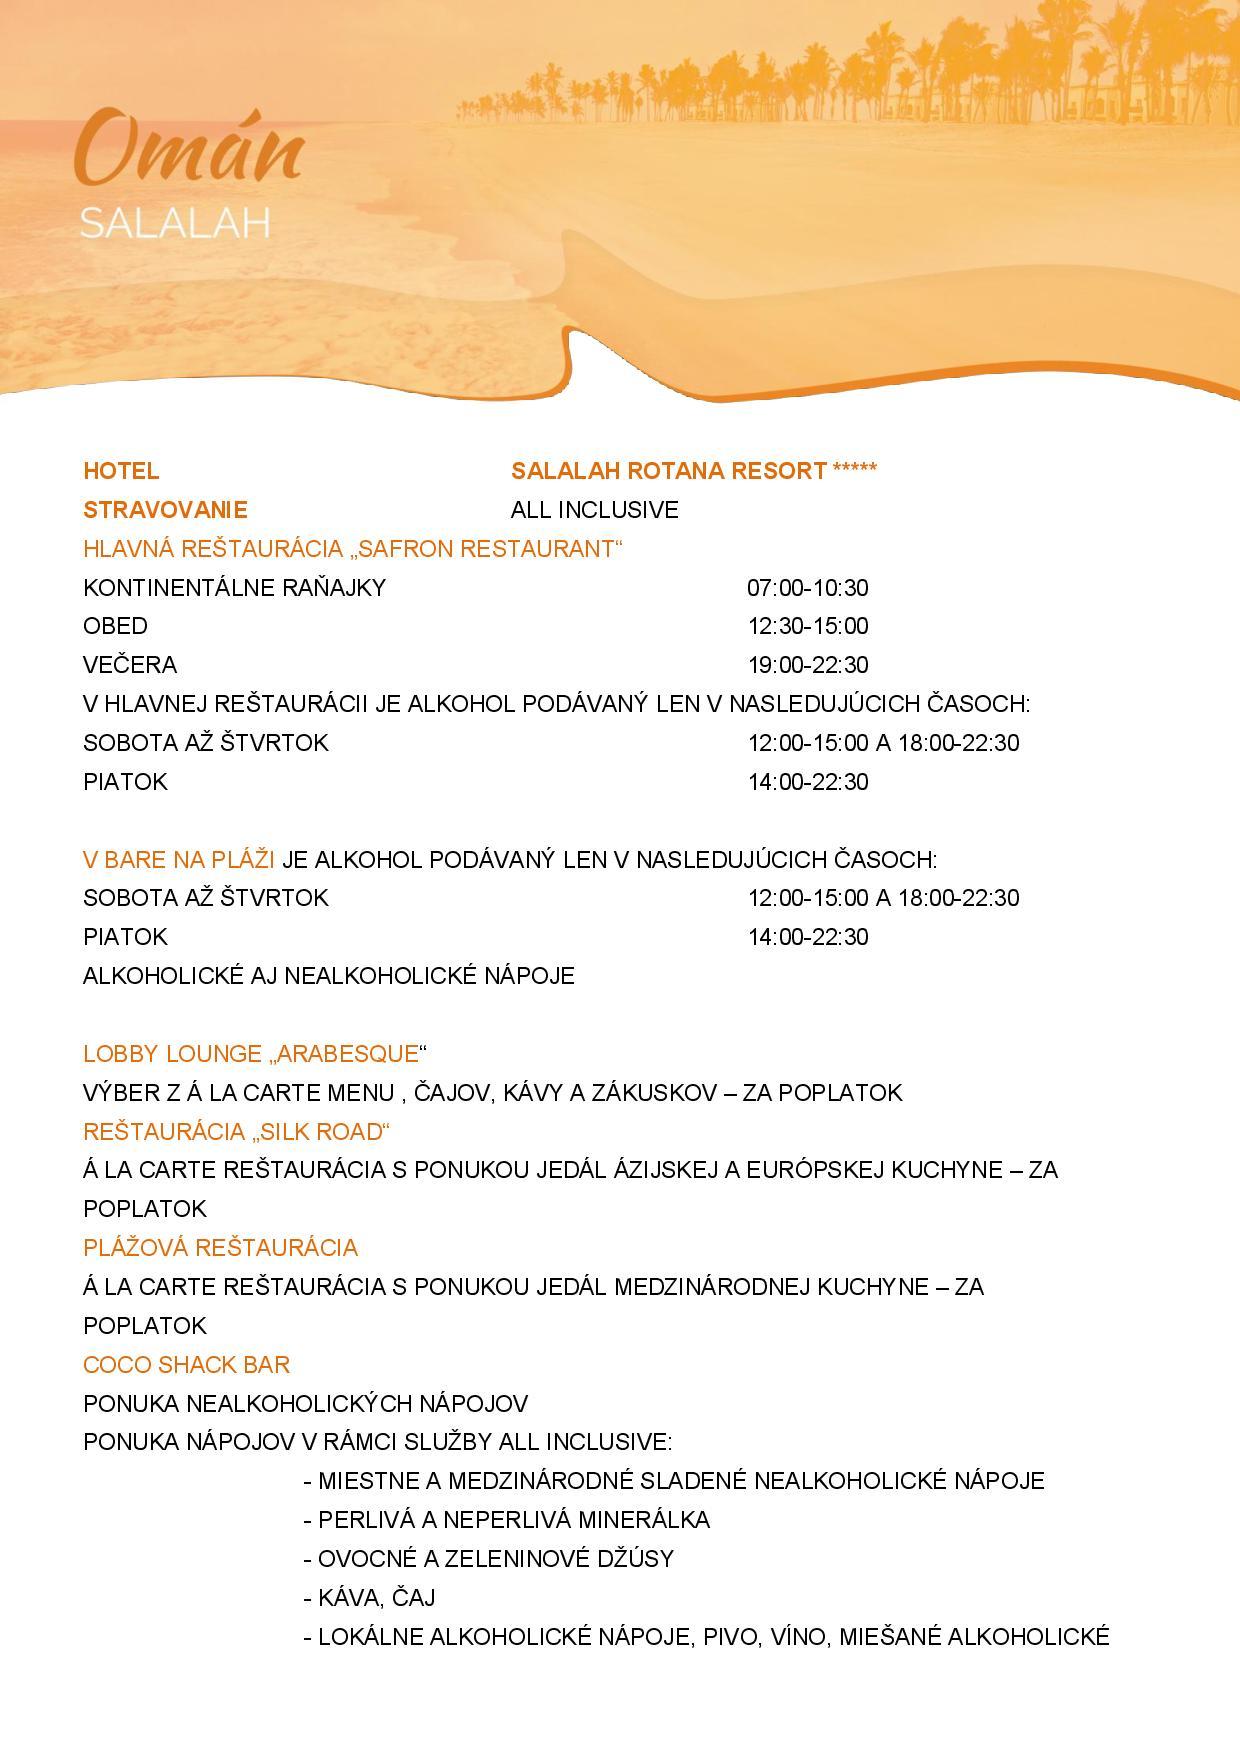 AI_OMN_Salalah_SalalahRotanaResort-page-001